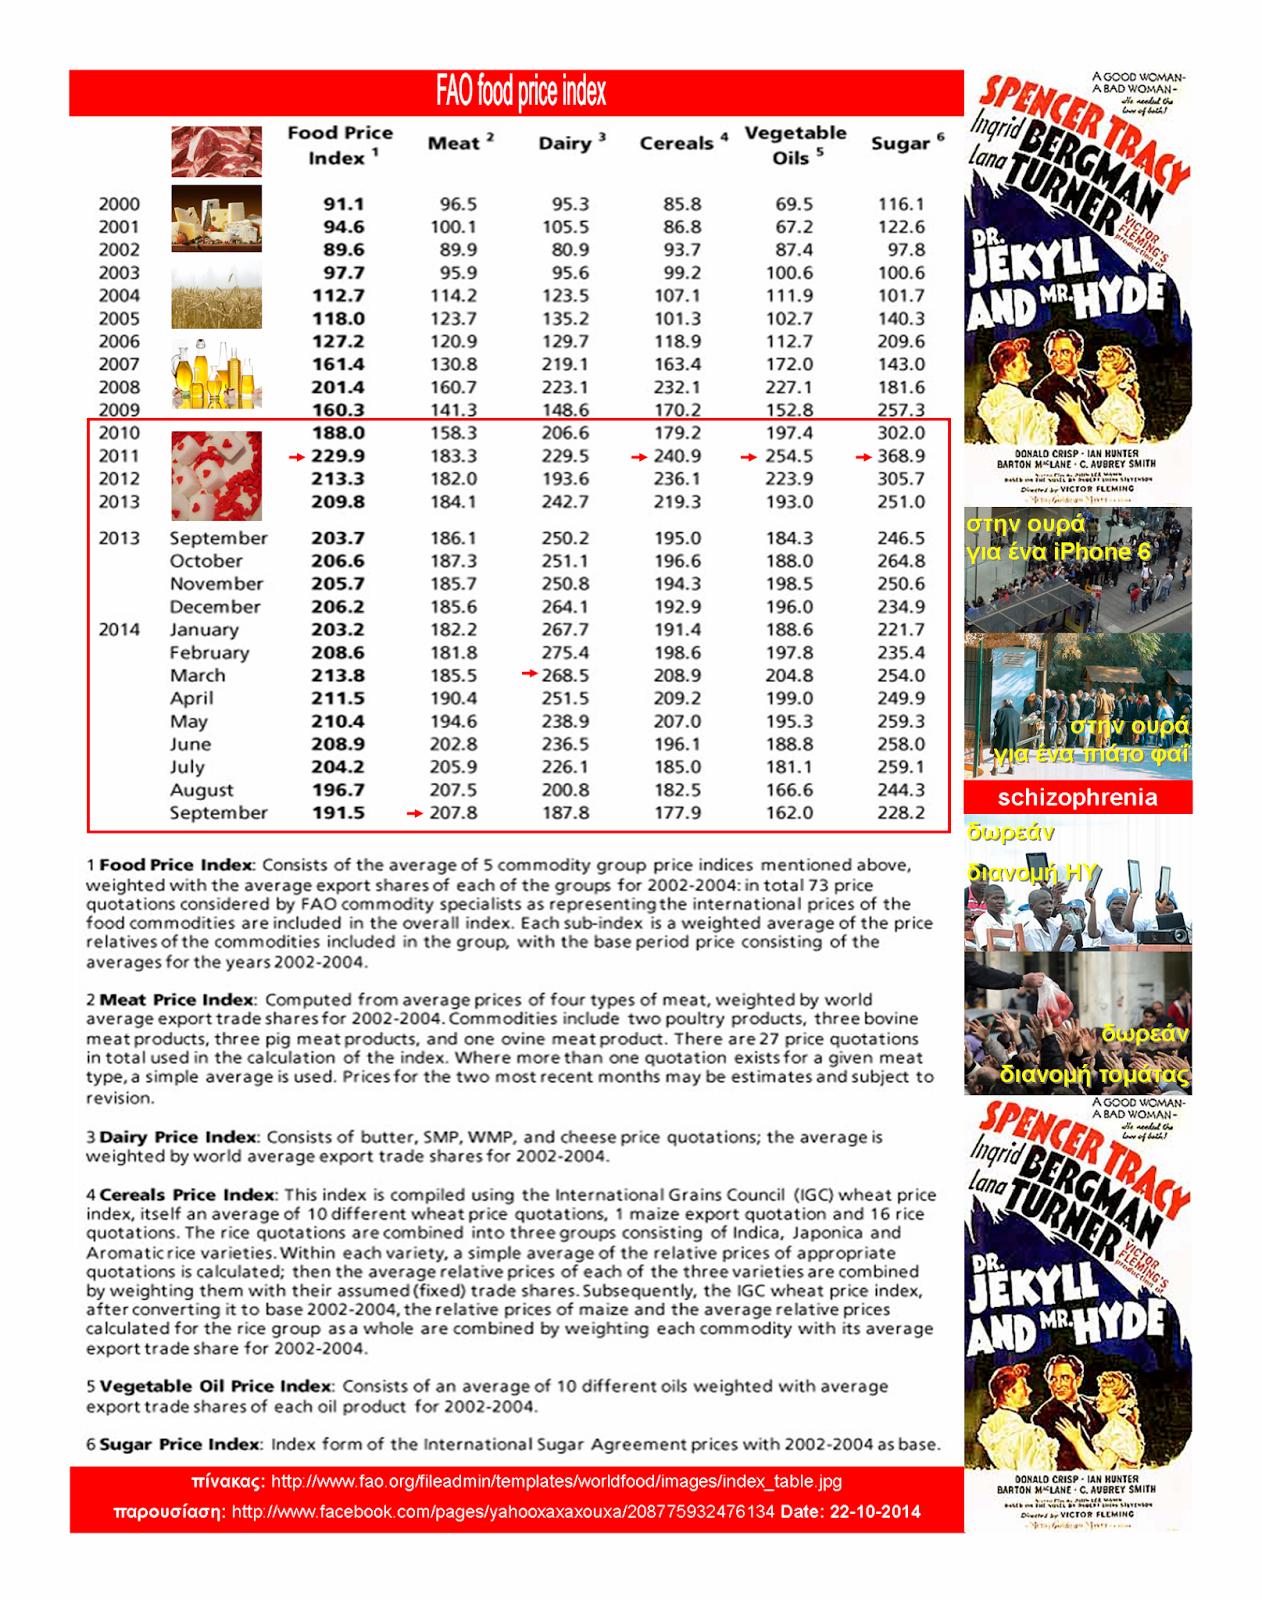 food price index 2000-2014